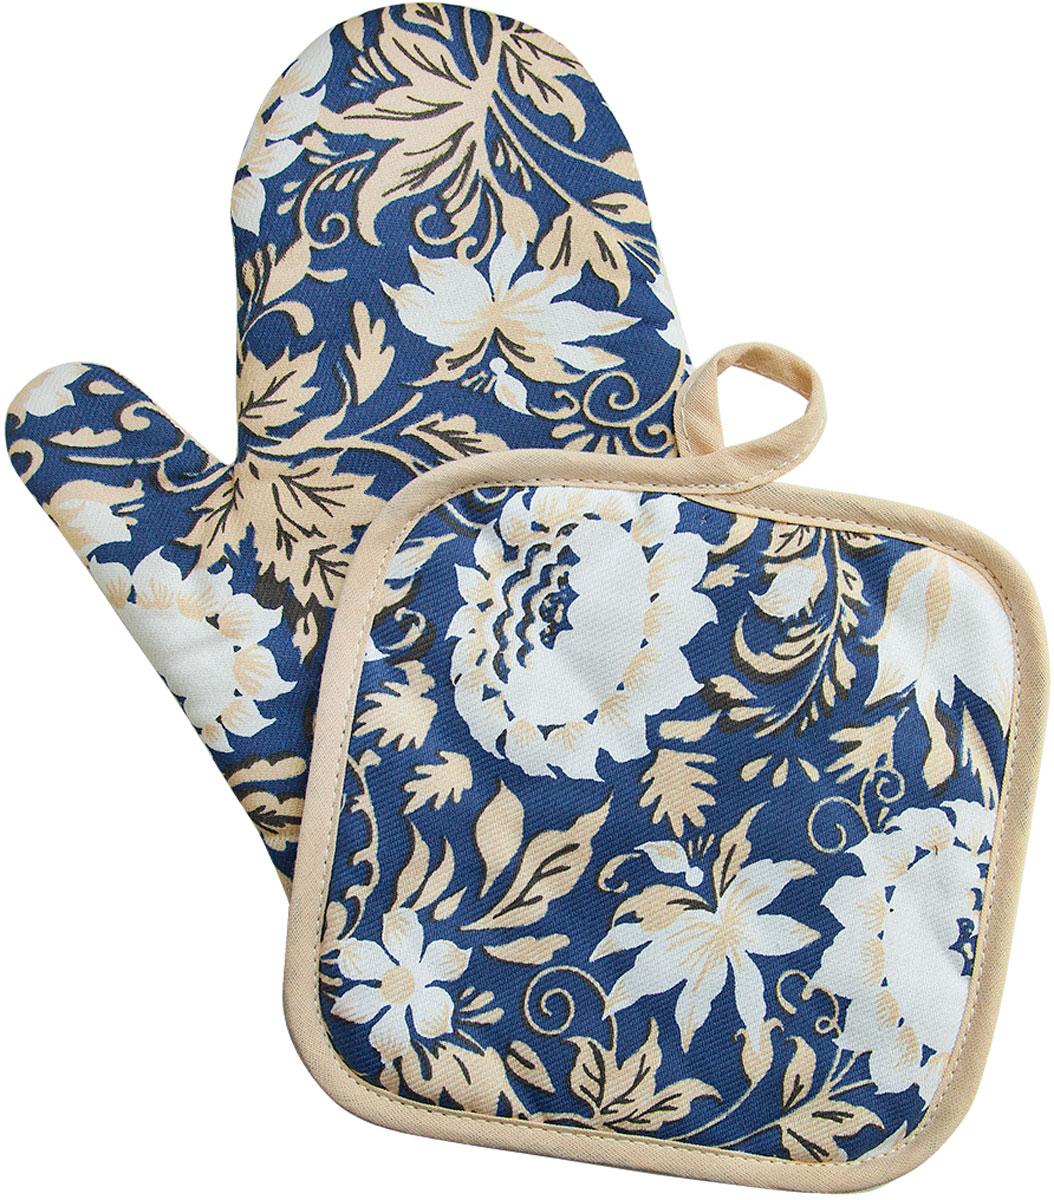 Набор прихваток Bonita Белые росы, 2 предмета1004900000360Набор Bonita Белые росы состоит из прихватки-рукавицы и квадратной прихватки. Изделия выполнены из натурального хлопка и декорированы оригинальным рисунком. Прихватки простеганы, а края окантованы. Оснащены специальными петельками, за которые их можно подвесить на крючок в любом удобном для вас месте. Такой набор красиво дополнит интерьер кухни.